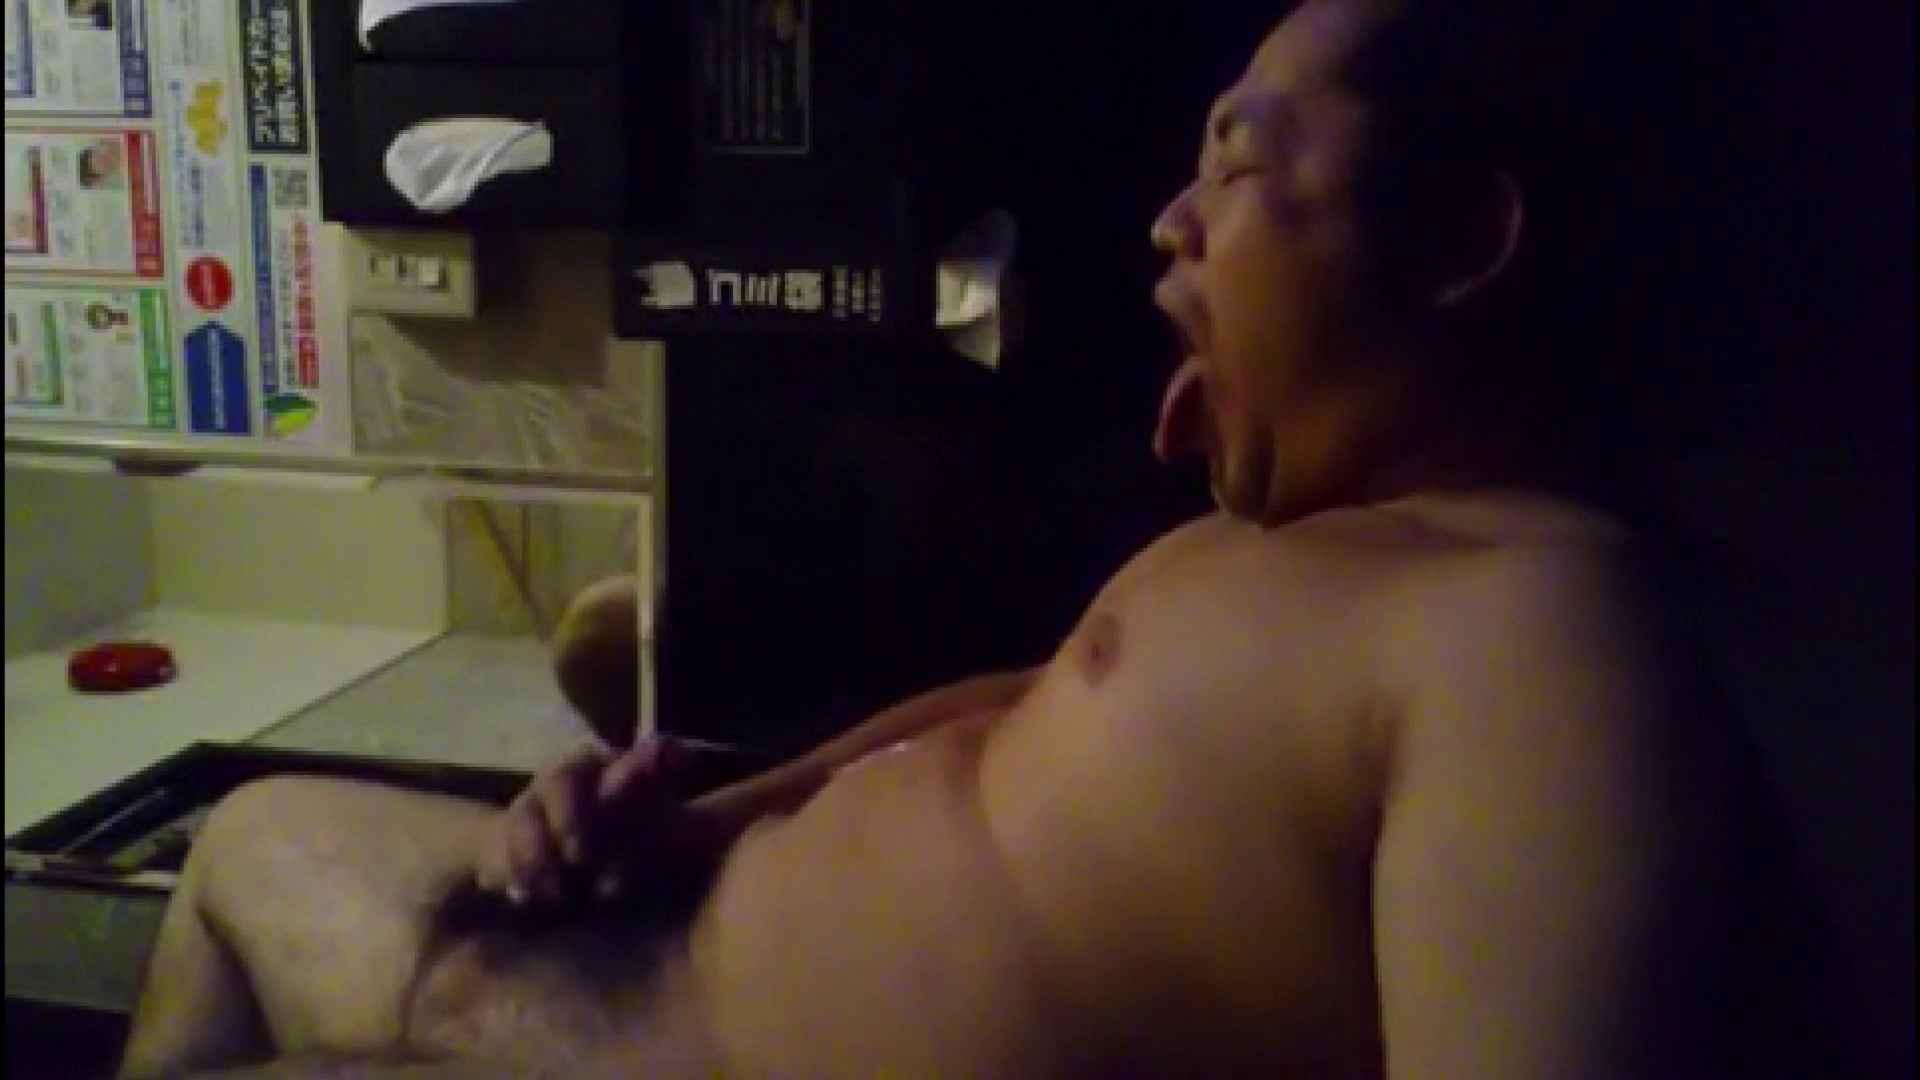 個人撮影 自慰の極意 Vol.24 無修正 ゲイセックス画像 59pic 7